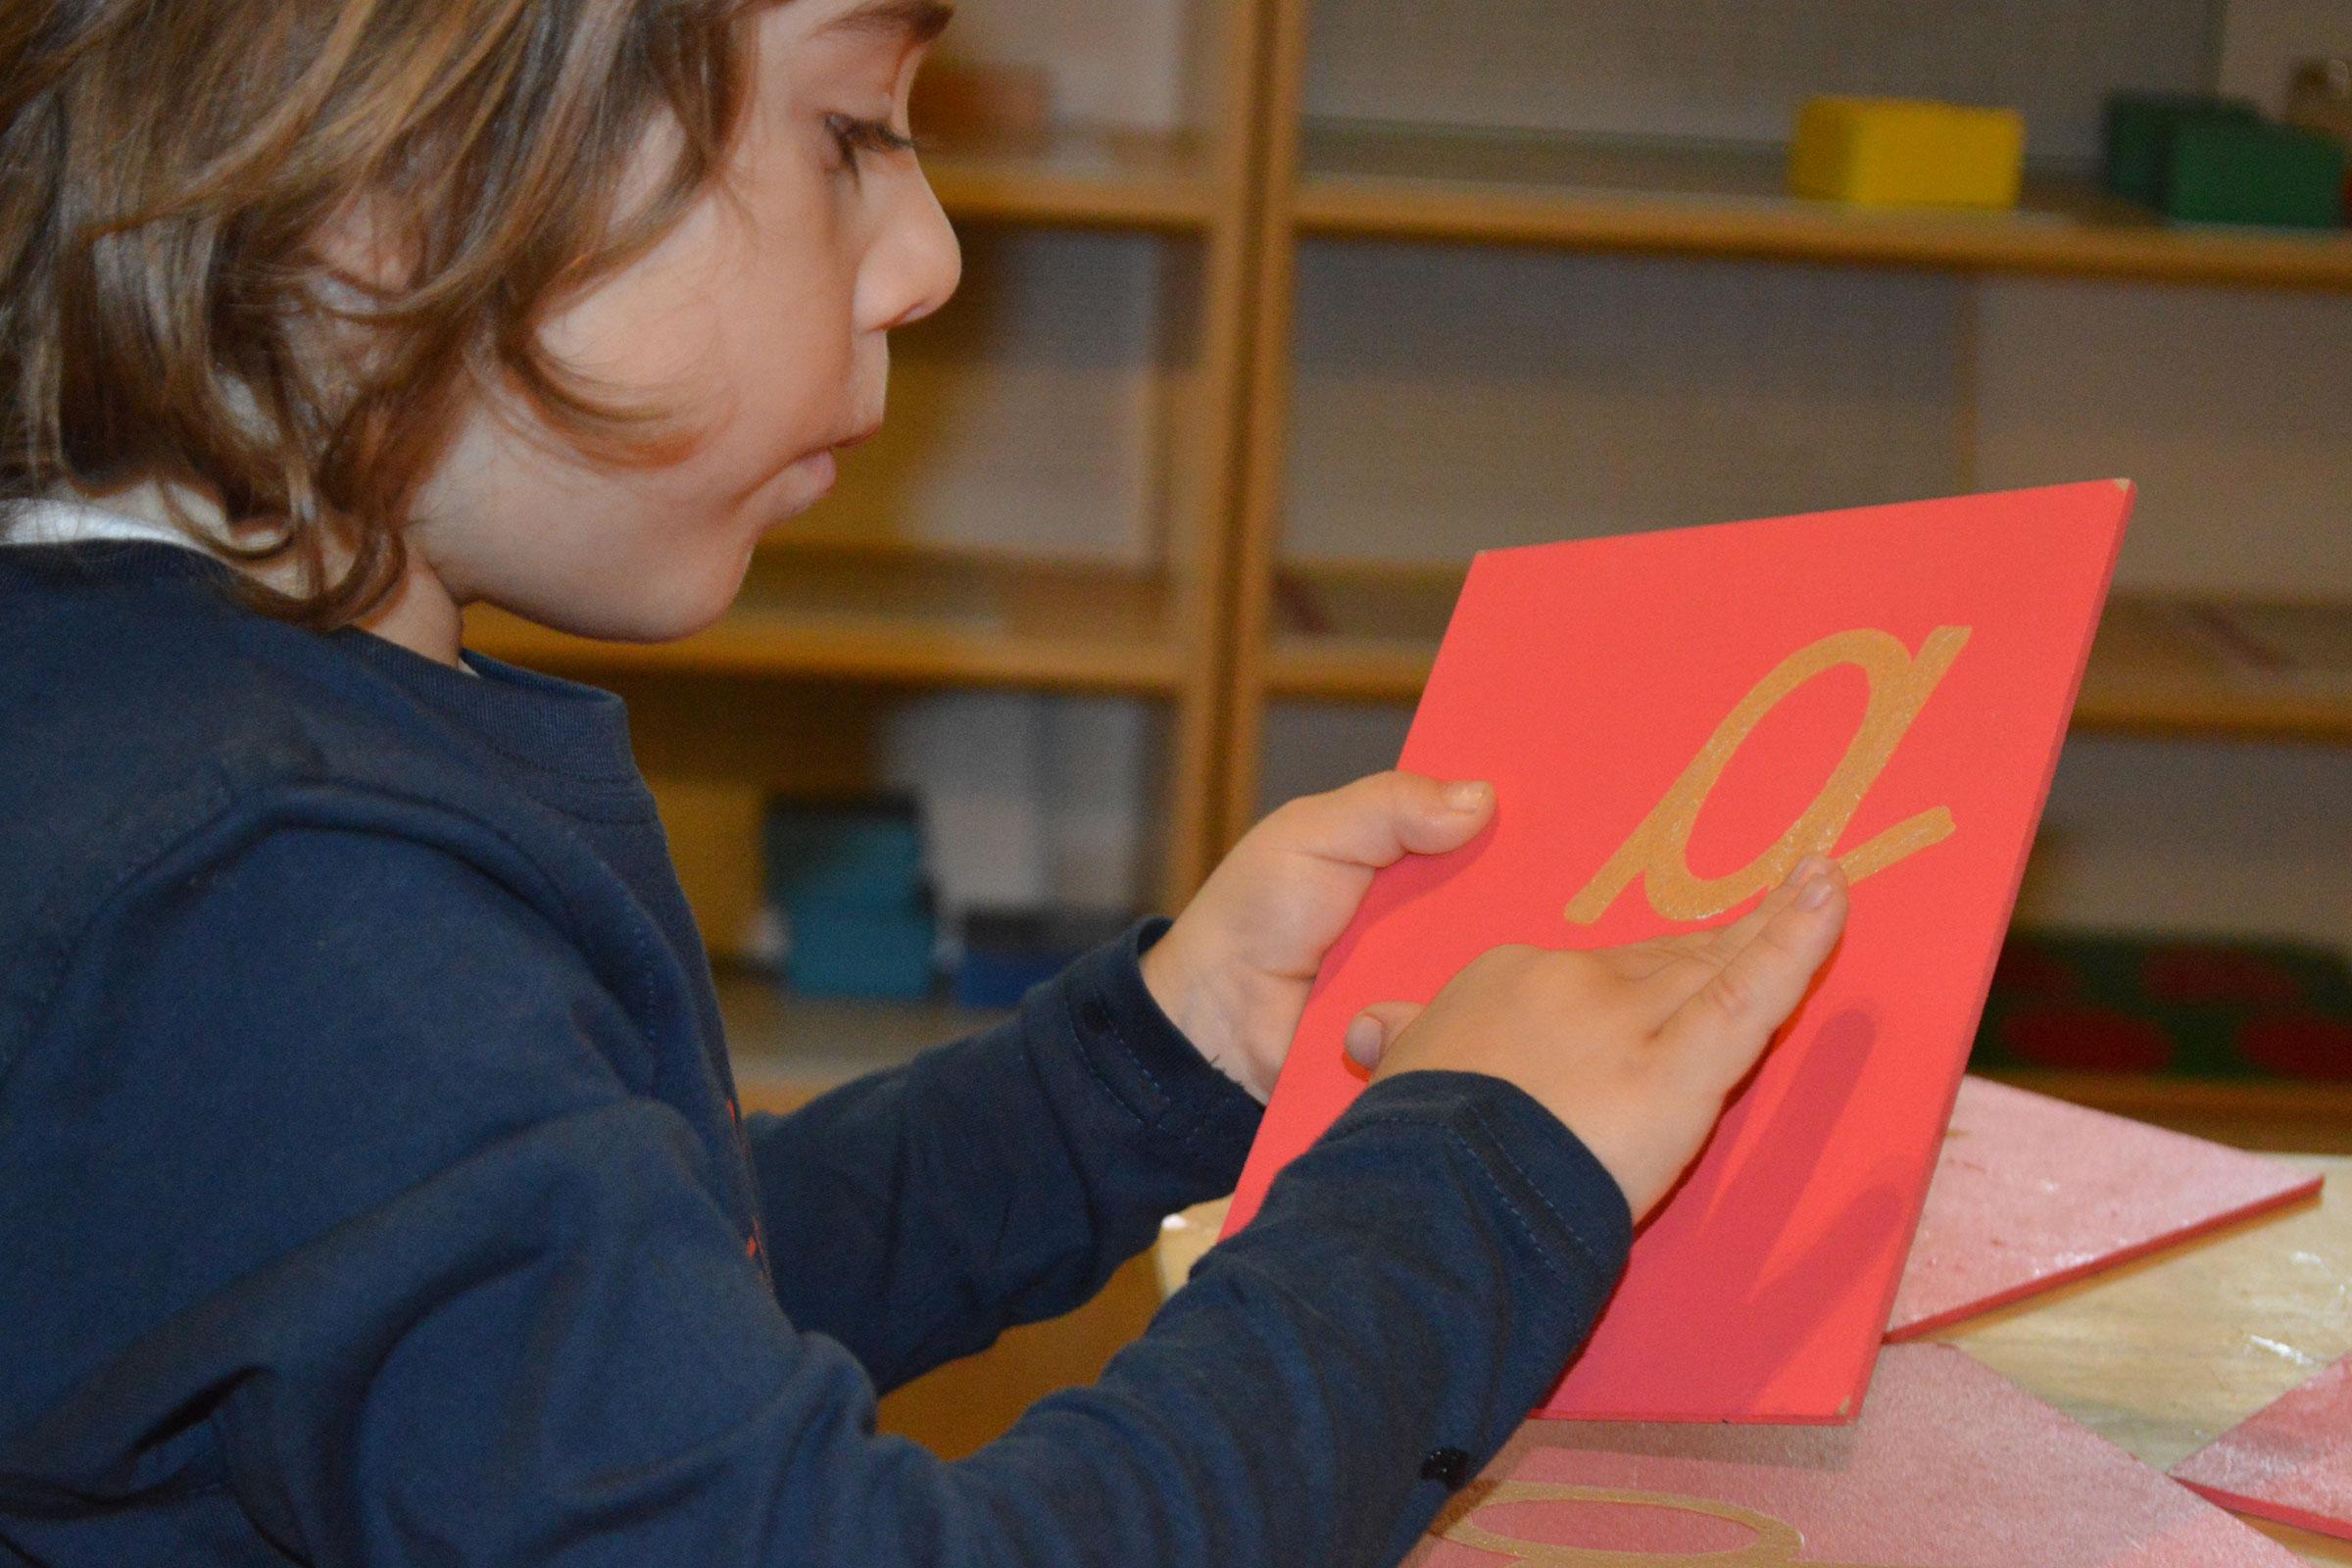 Child tracing Montessori sandpaper letter material